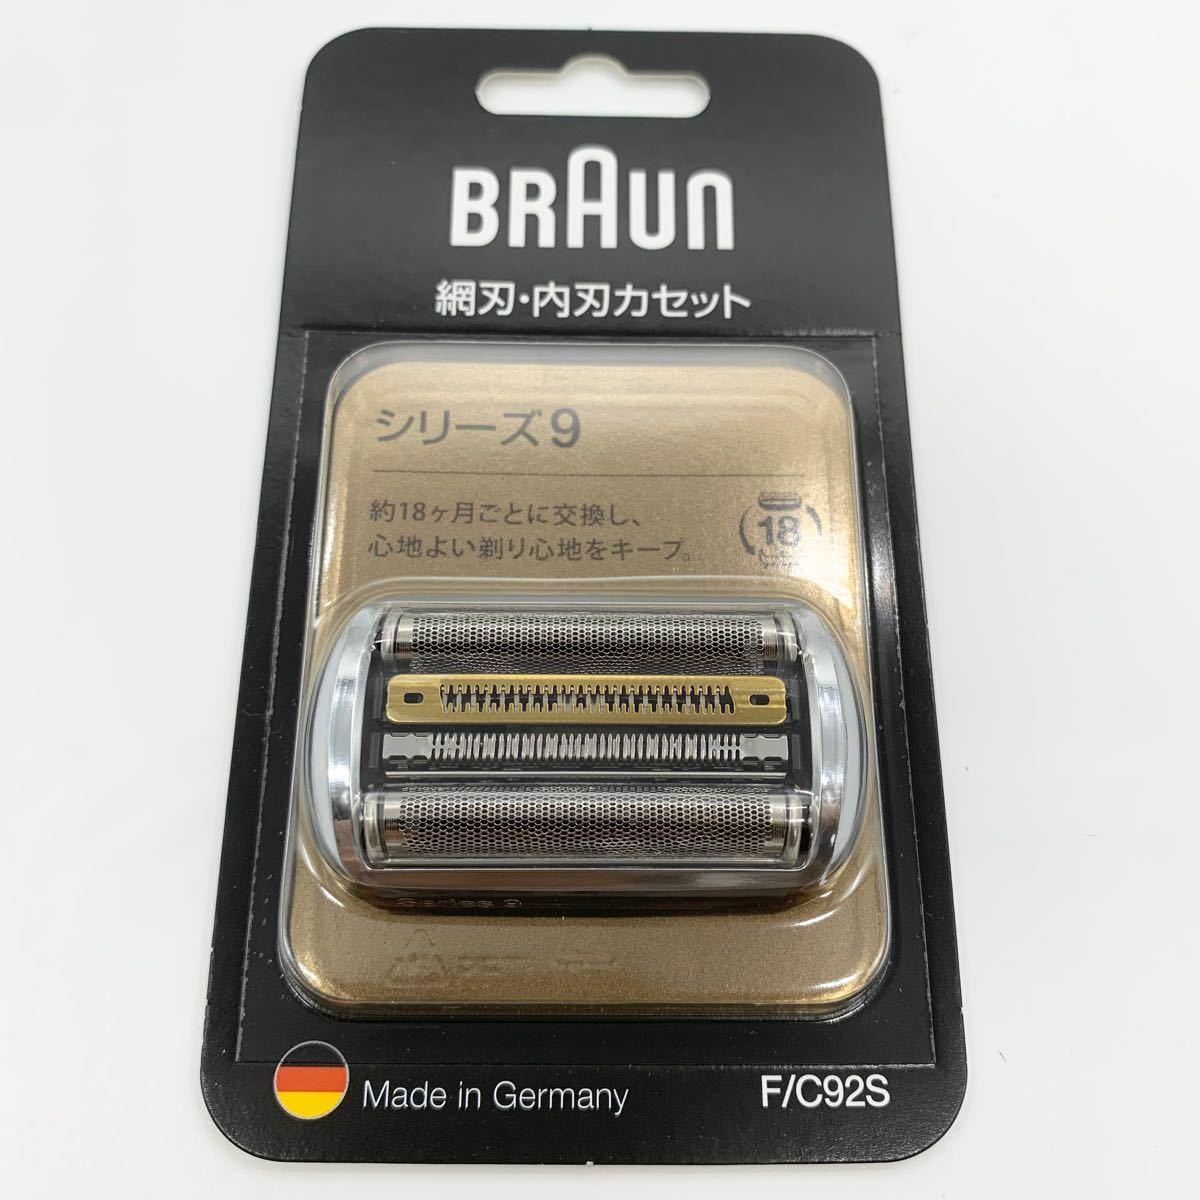 ブラウン F/C92S ブラウンシェーバーシリーズ9用交換替刃